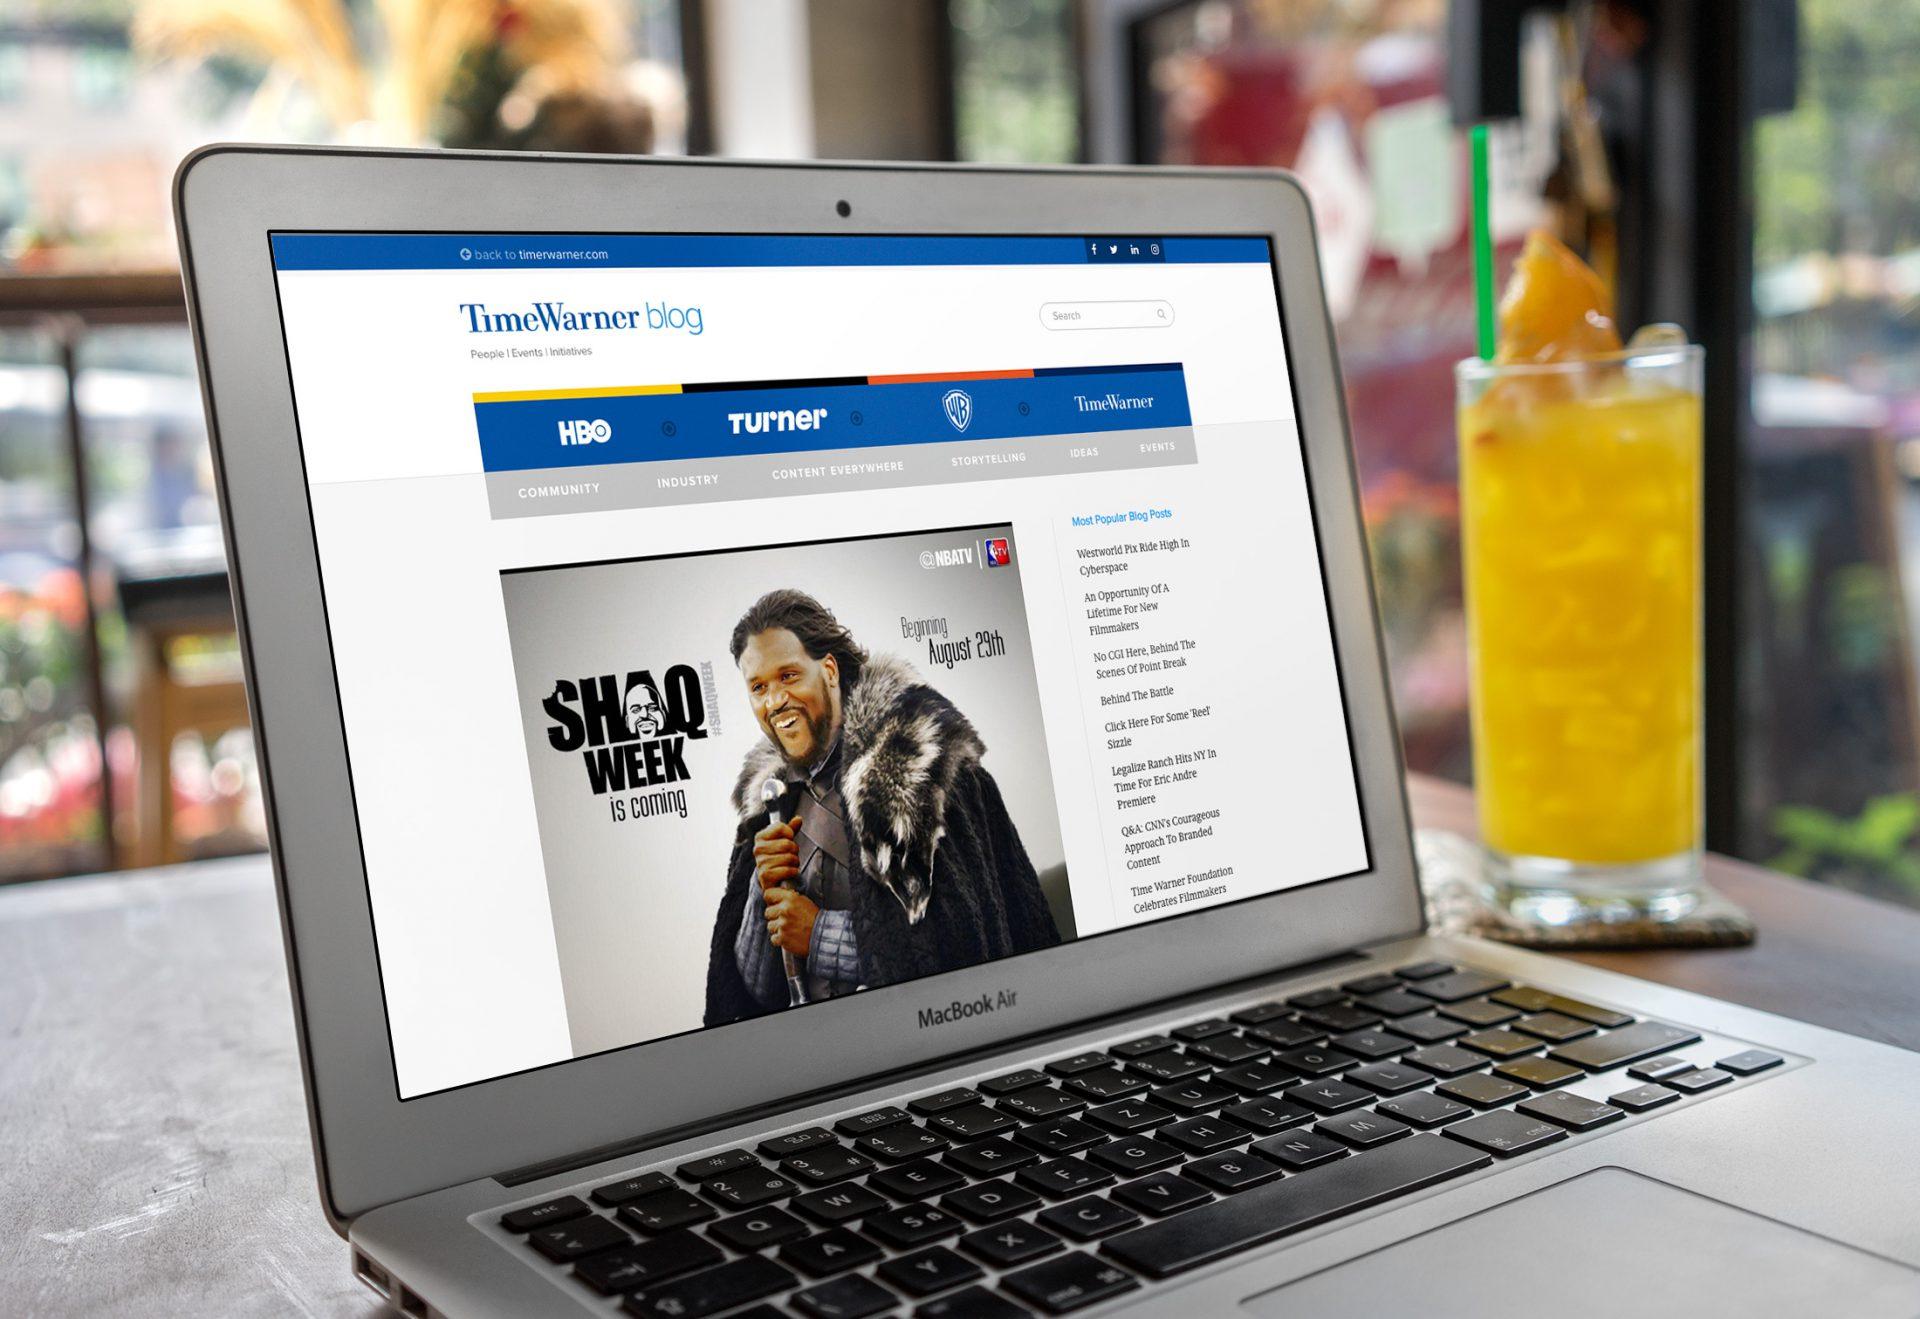 Time Warner Blog - Web Design - Laptop Shaq - Jake Cooper Design